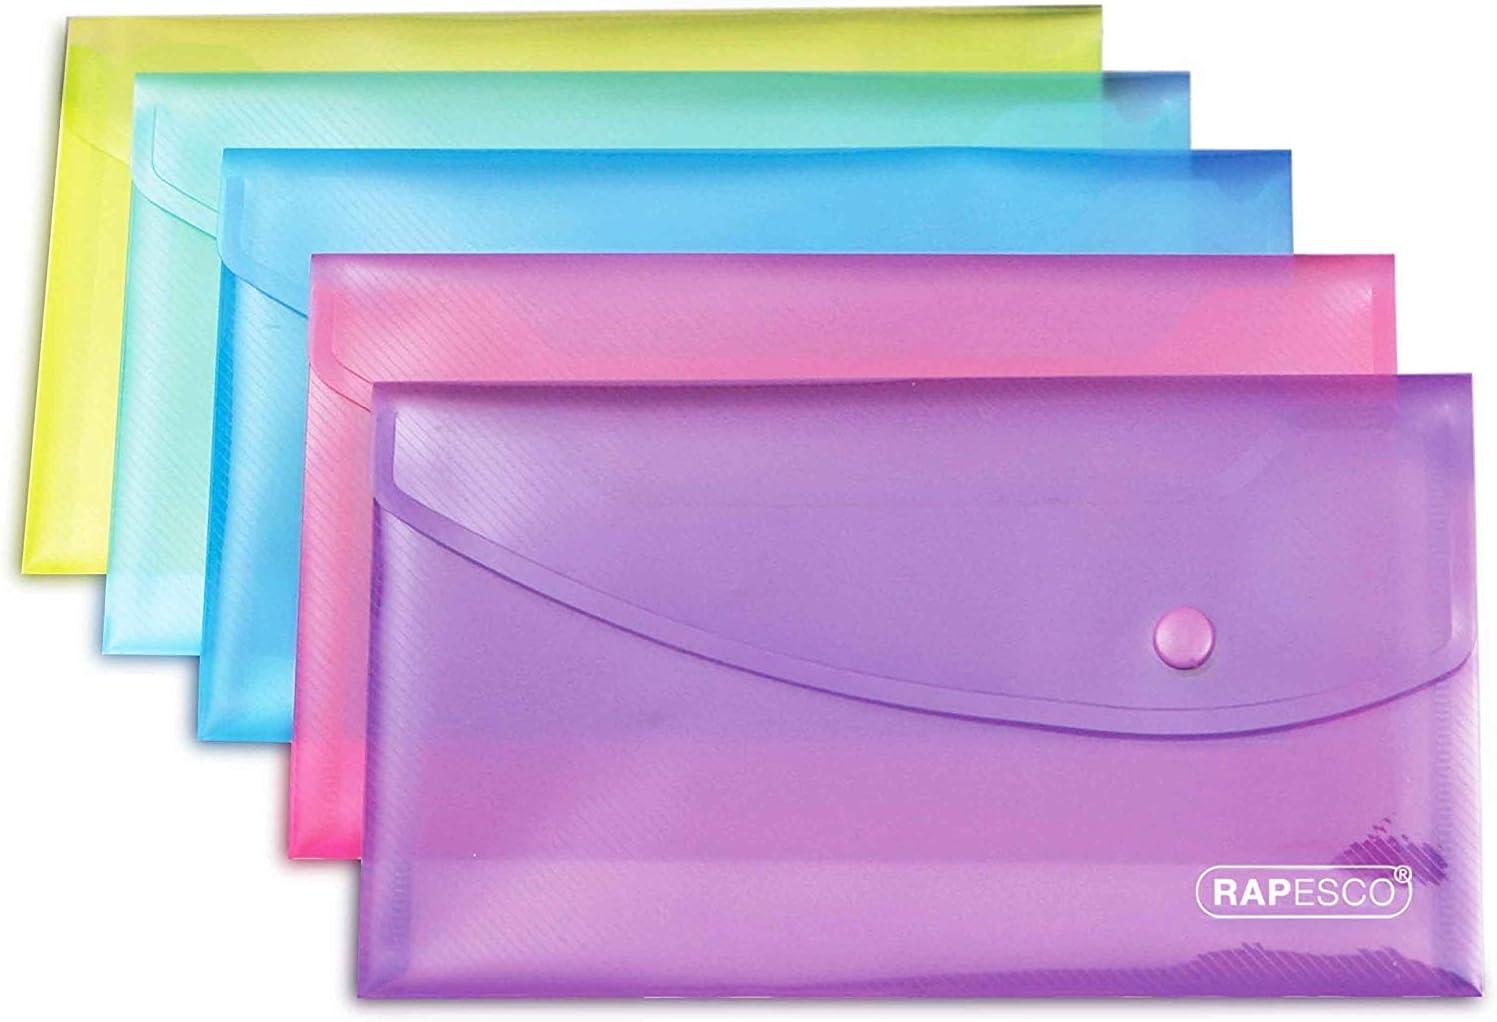 Rapesco Documentos - Carpeta portadocumentos tamaño sobre, colores variados, 5 unidades